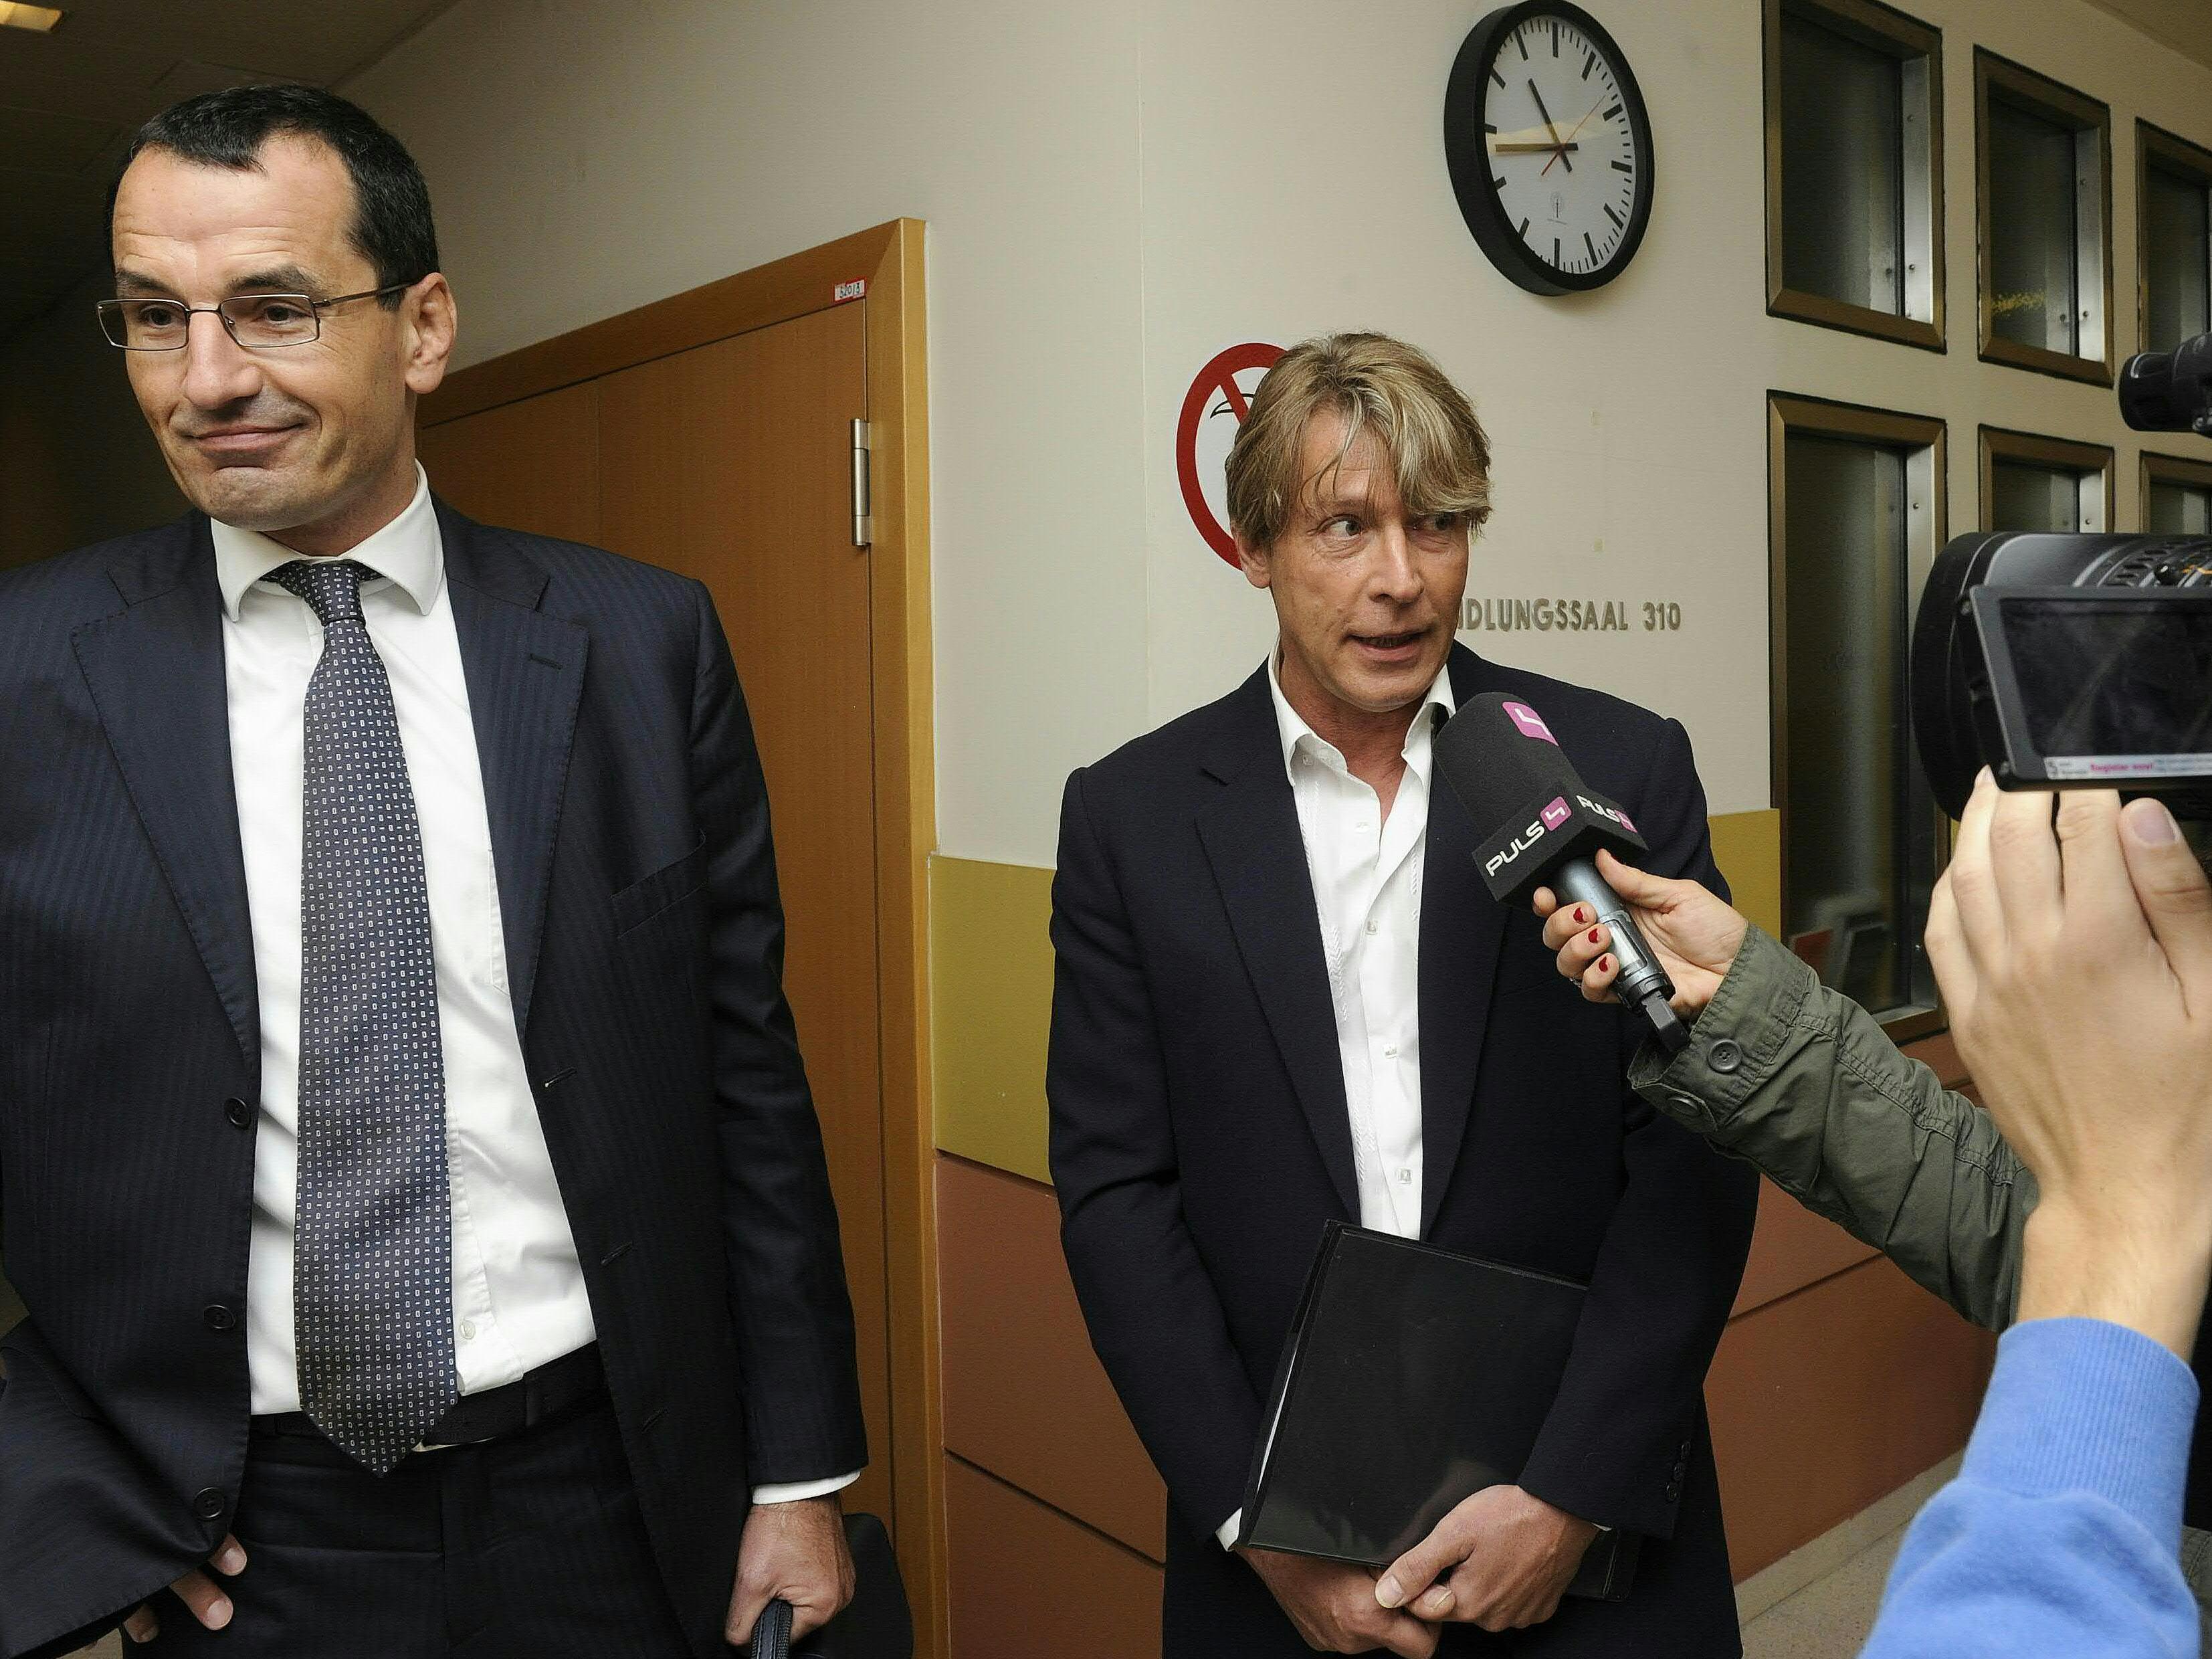 Society-Reporter Dominic Heinzl bekam erneut eine Entschädigung zugesprochen.